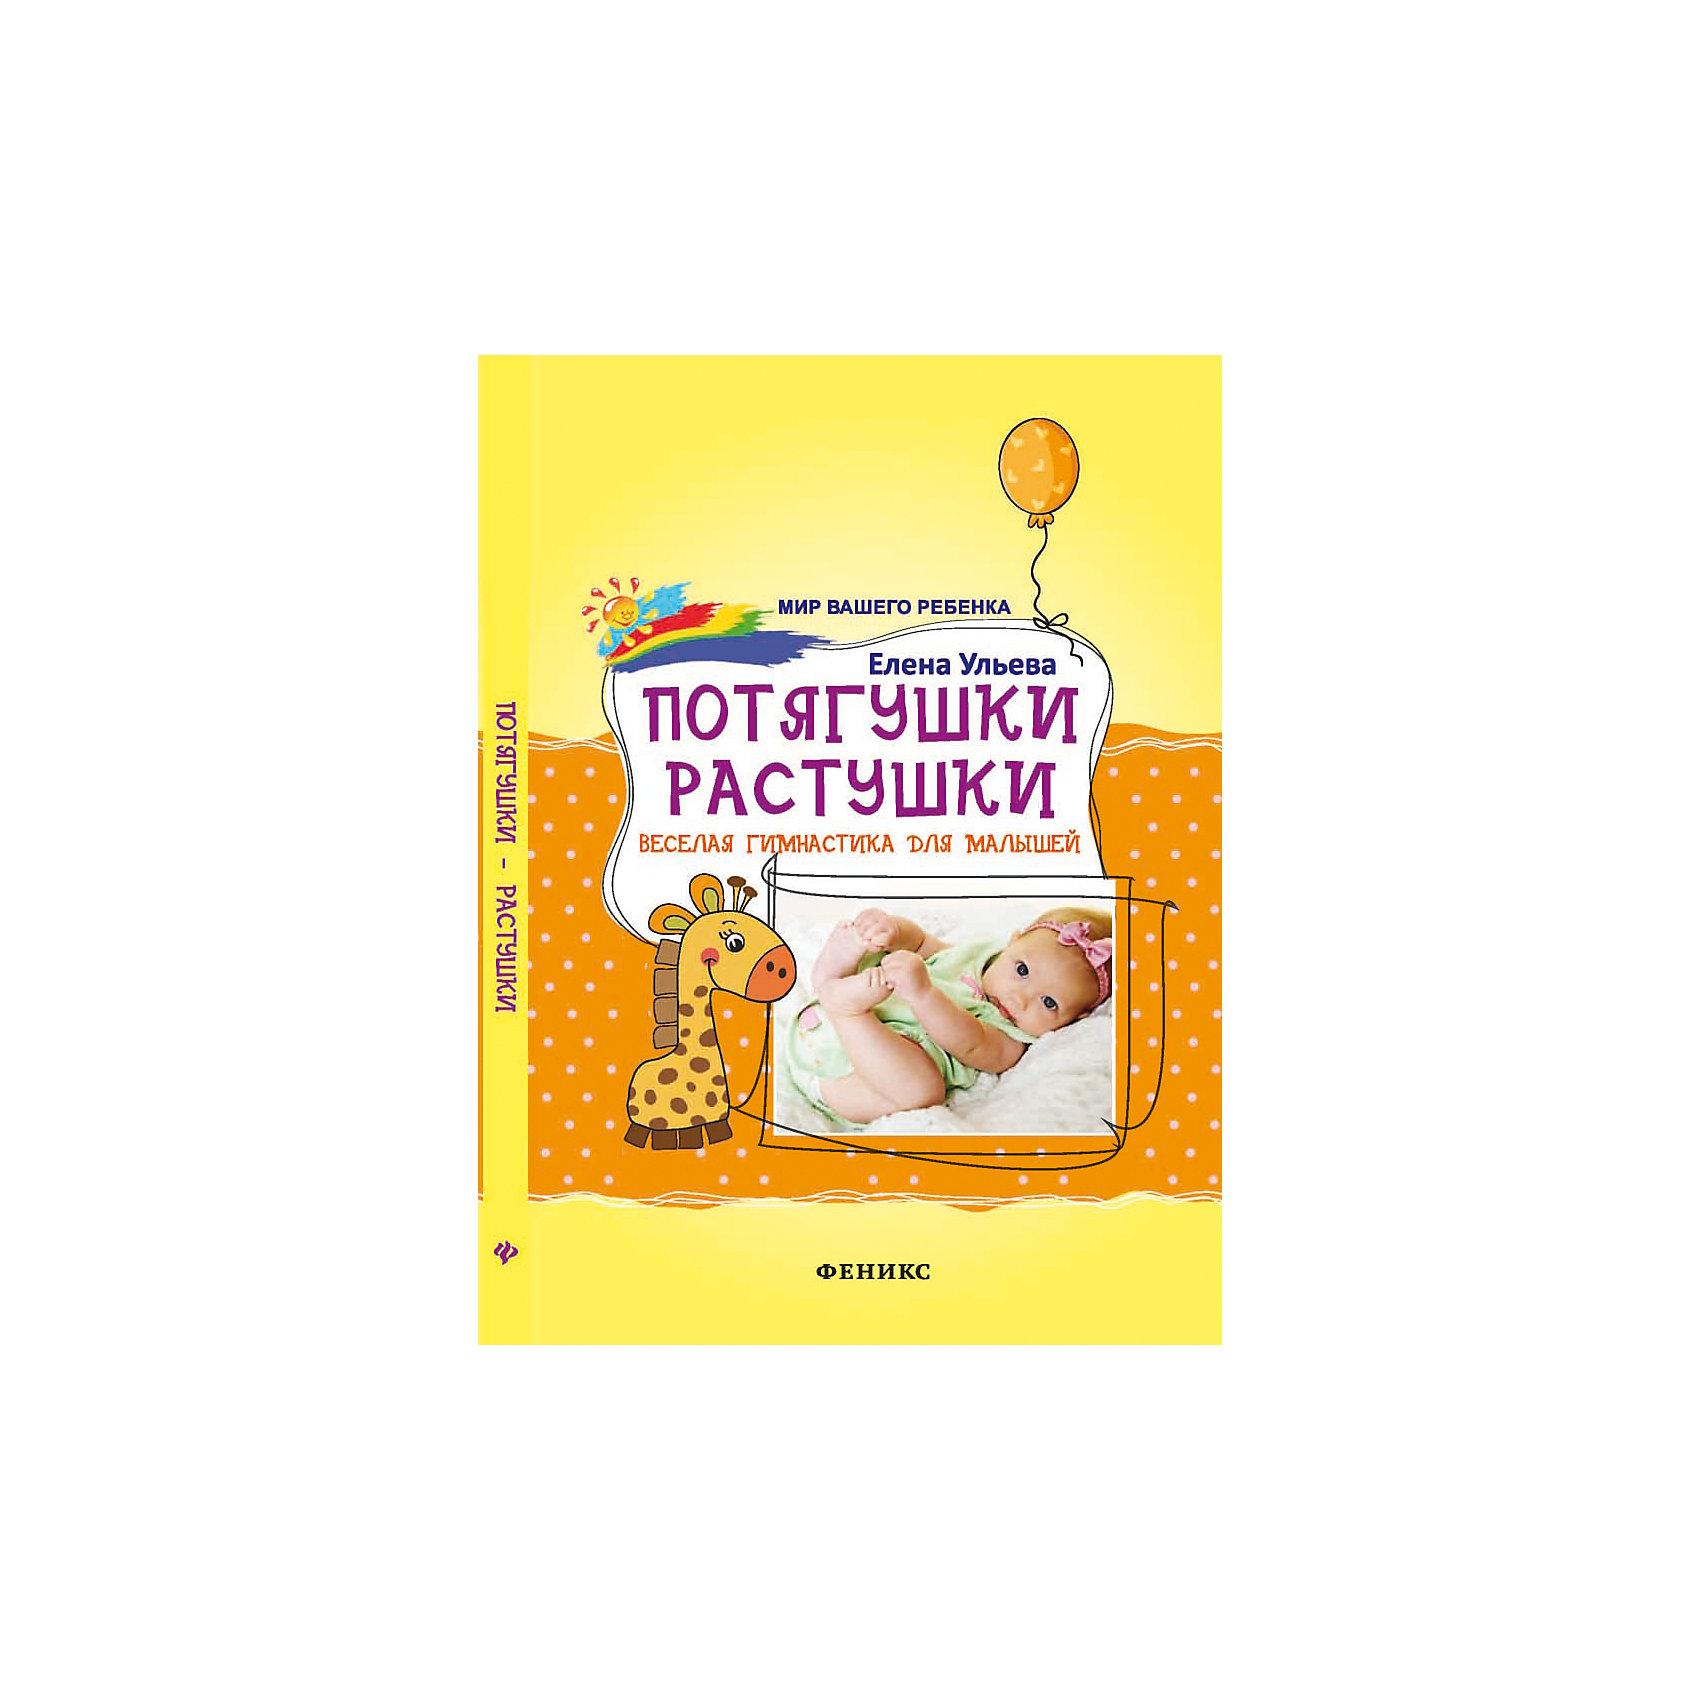 Книга для родителей Потягушки-растушки: веселая гимнастика для малышейДетская психология и здоровье<br>Характеристики товара:<br><br>• ISBN 9785222266441<br>• возраст с рождения<br>• формат 116х165 мм<br>• серия «Мир Вашего ребенка»<br>• издательство Феникс<br>• автор Ульева Елена<br>• переплет: мягкий<br>• количество страниц 174<br>• год выпуска 2016<br>• размер 16,5х11,6х0,8 см<br><br>Книга «Потягушки-растушки: веселая гимнастика для малышей» содержит комплекс упражнений для здорового развития ребенка. Он включает в себя гимнастические упражнения, но проводимые в развлекательной форме. Занятия сопровождаются сказками, стихами, рассказами.<br><br>Книгу «Потягушки-растушки: веселая гимнастика для малышей» издание 2-е можно приобрести в нашем интернет-магазине.<br><br>Ширина мм: 80<br>Глубина мм: 115<br>Высота мм: 163<br>Вес г: 122<br>Возраст от месяцев: -2147483648<br>Возраст до месяцев: 2147483647<br>Пол: Унисекс<br>Возраст: Детский<br>SKU: 5501044